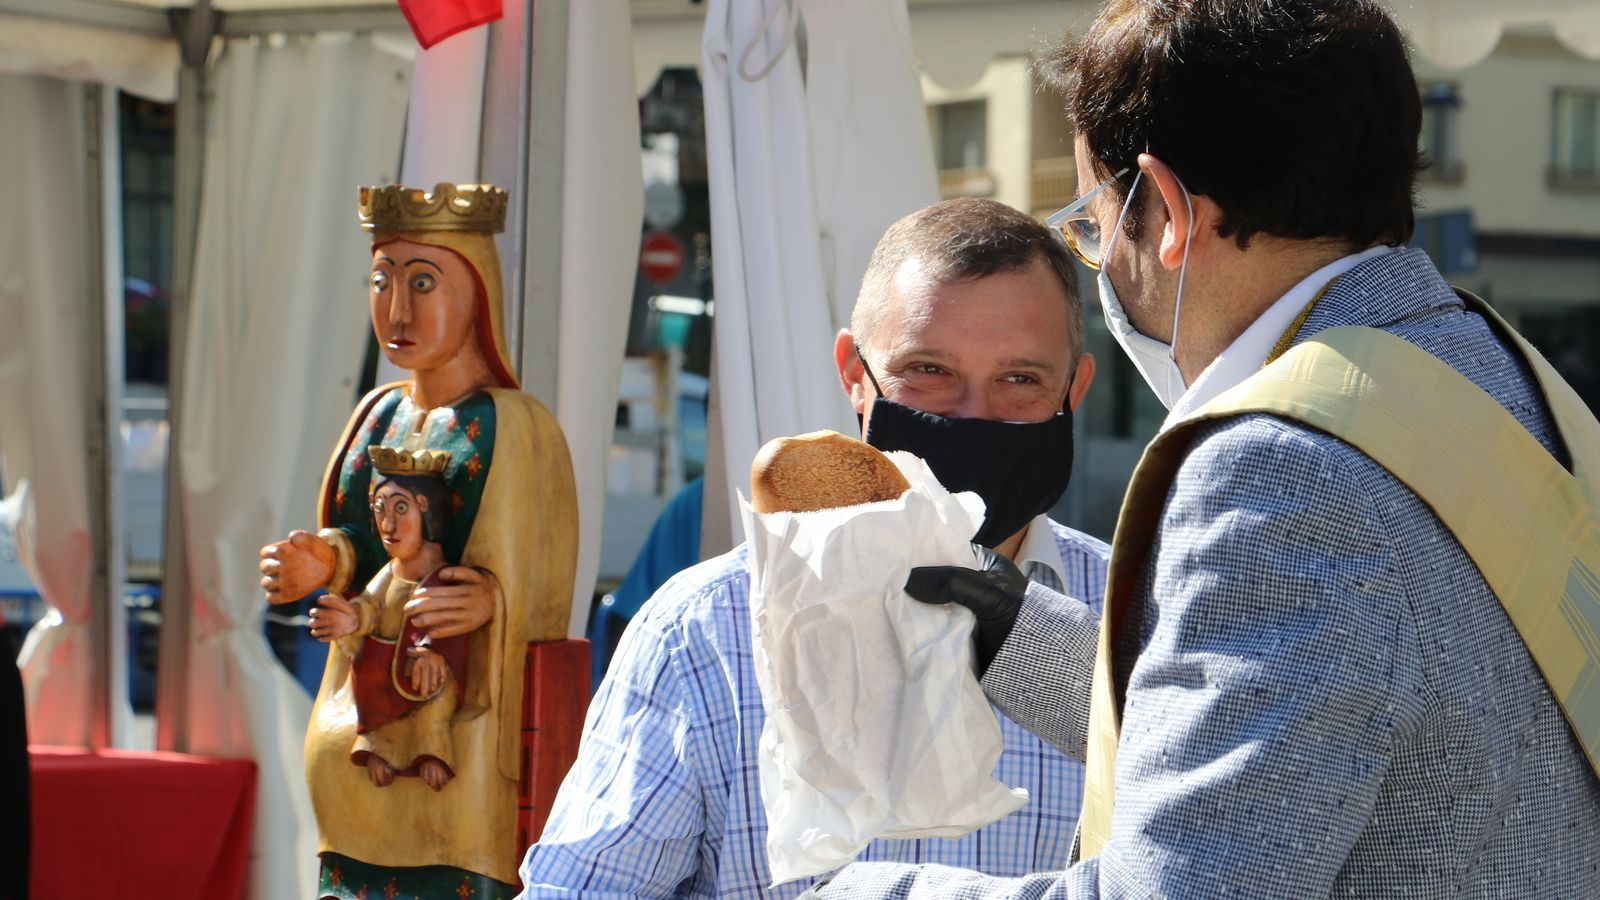 El cònsol major de Sant Julià, Josep Majoral, ha fer referència a Naturlàndia durant la diada de Canòlich. / E.C. (ANA)